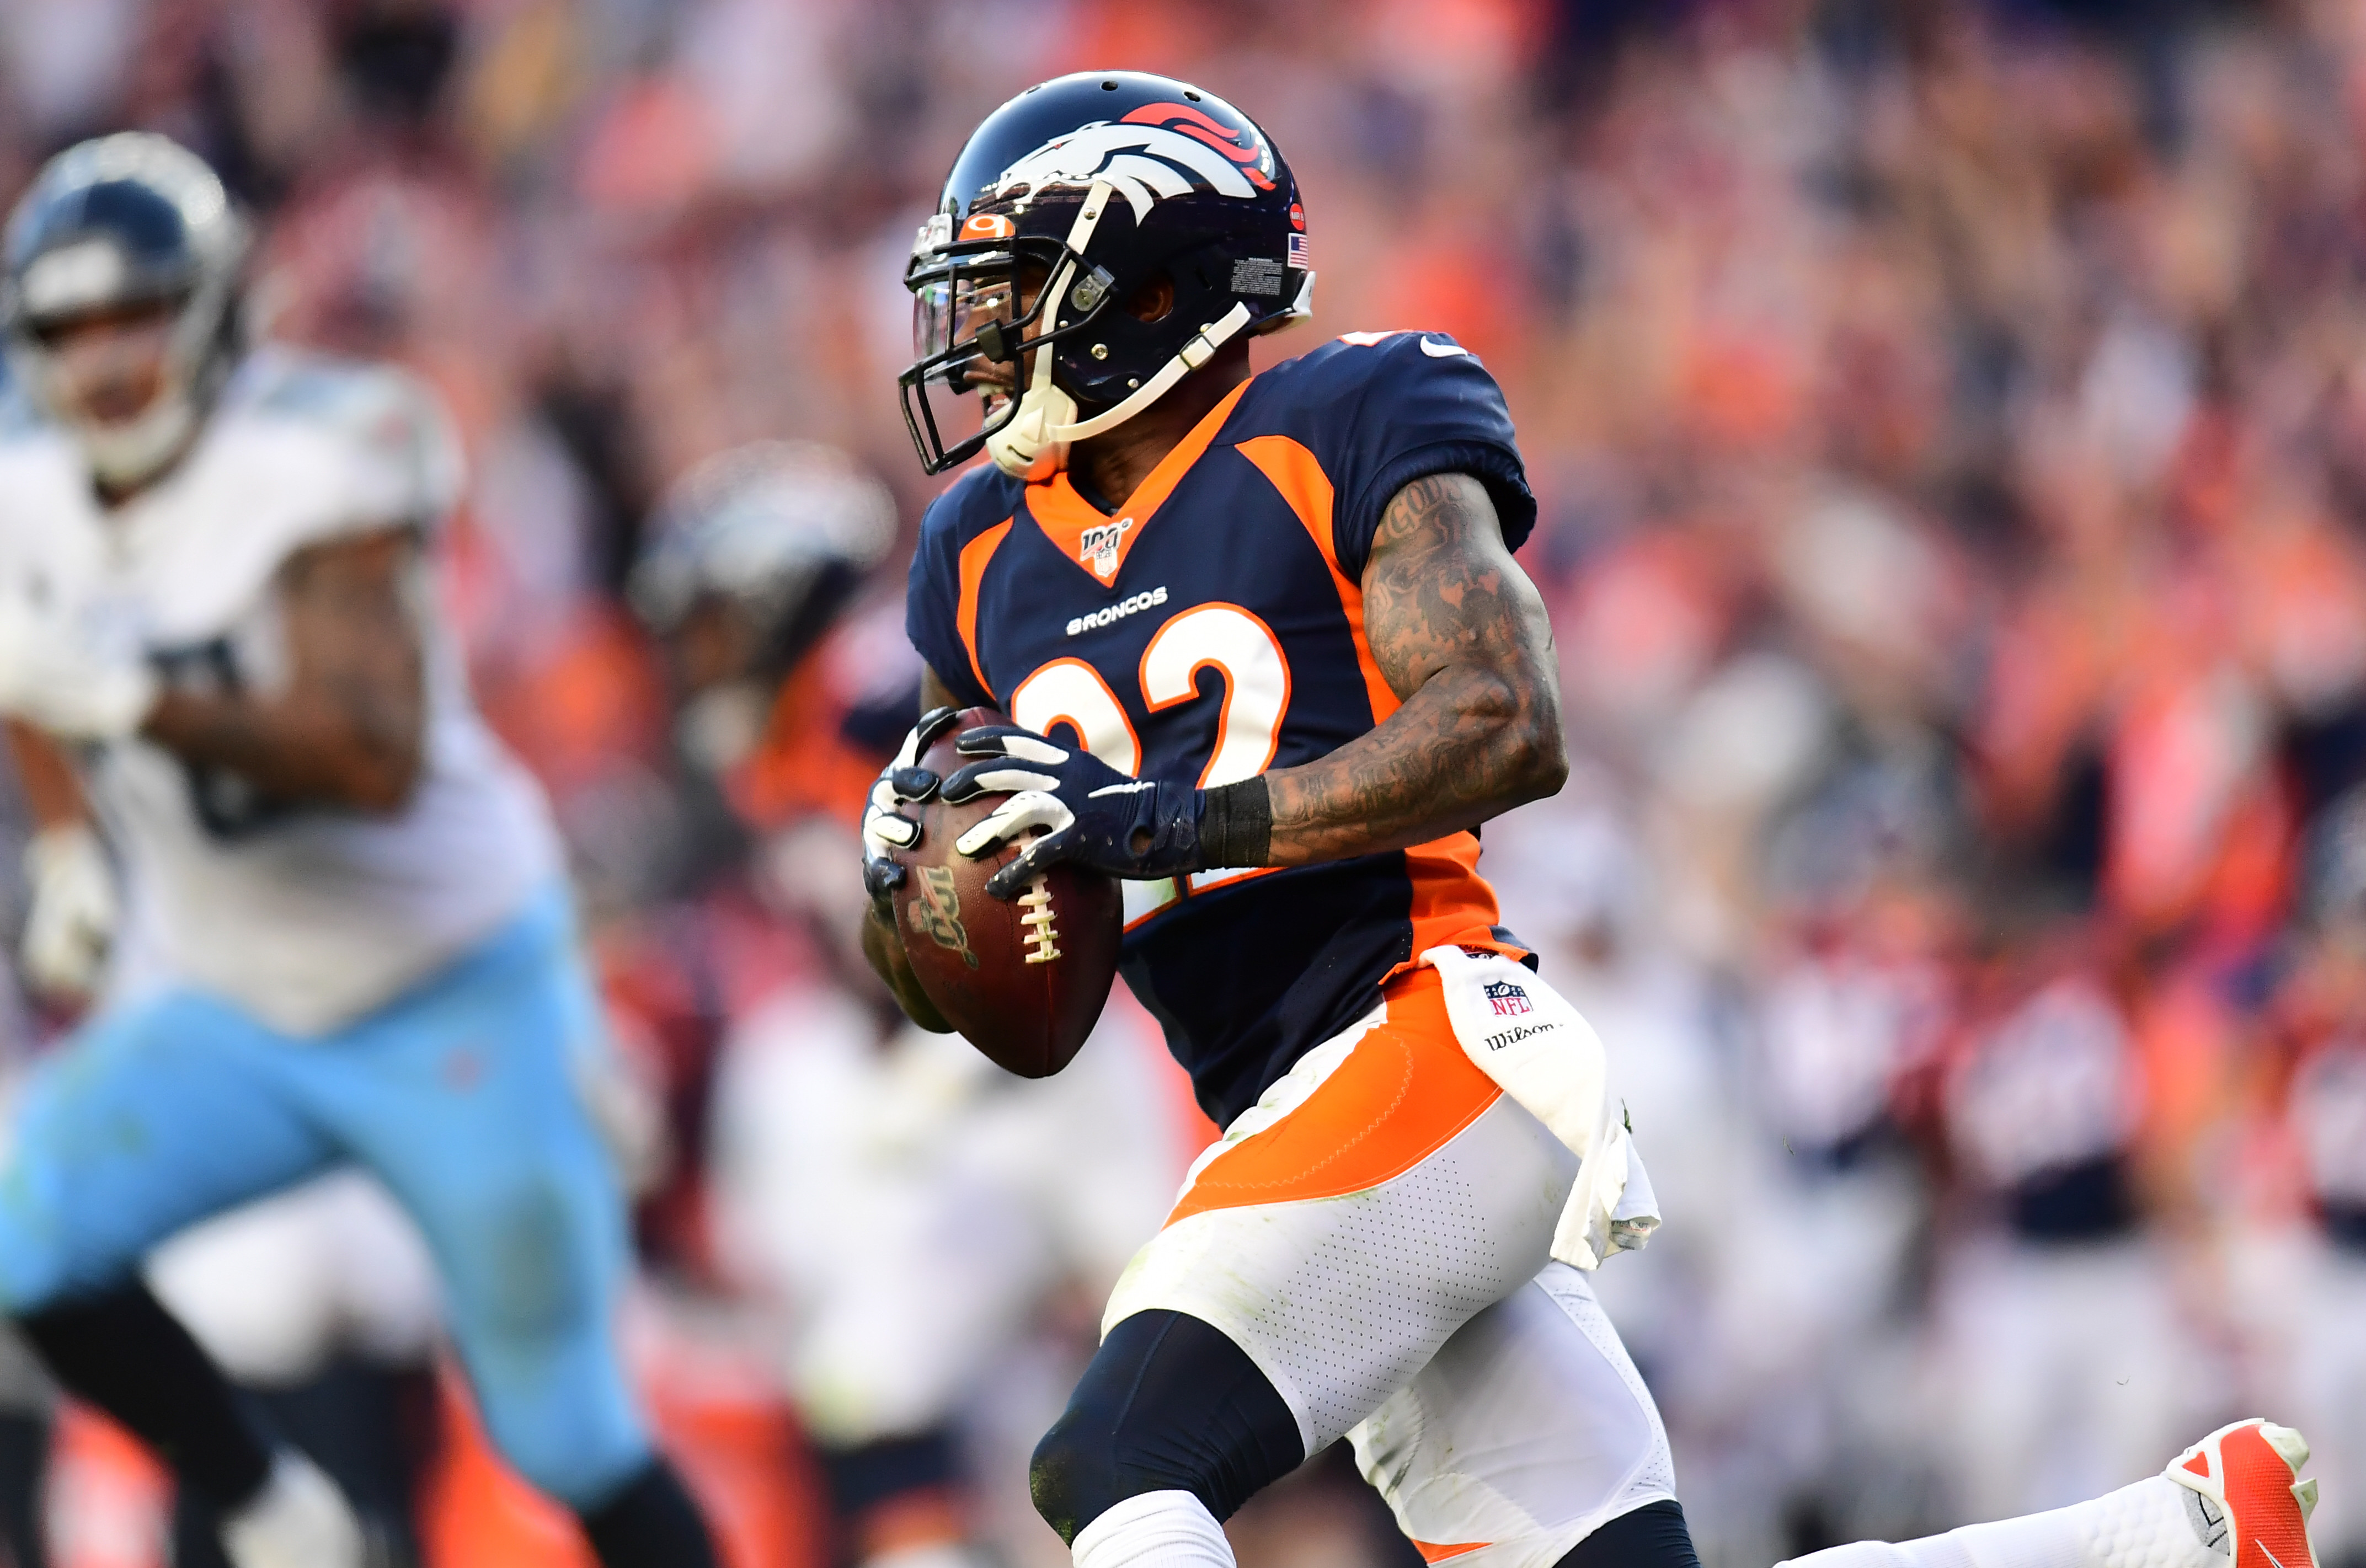 NFL: Tennessee Titans at Denver Broncos